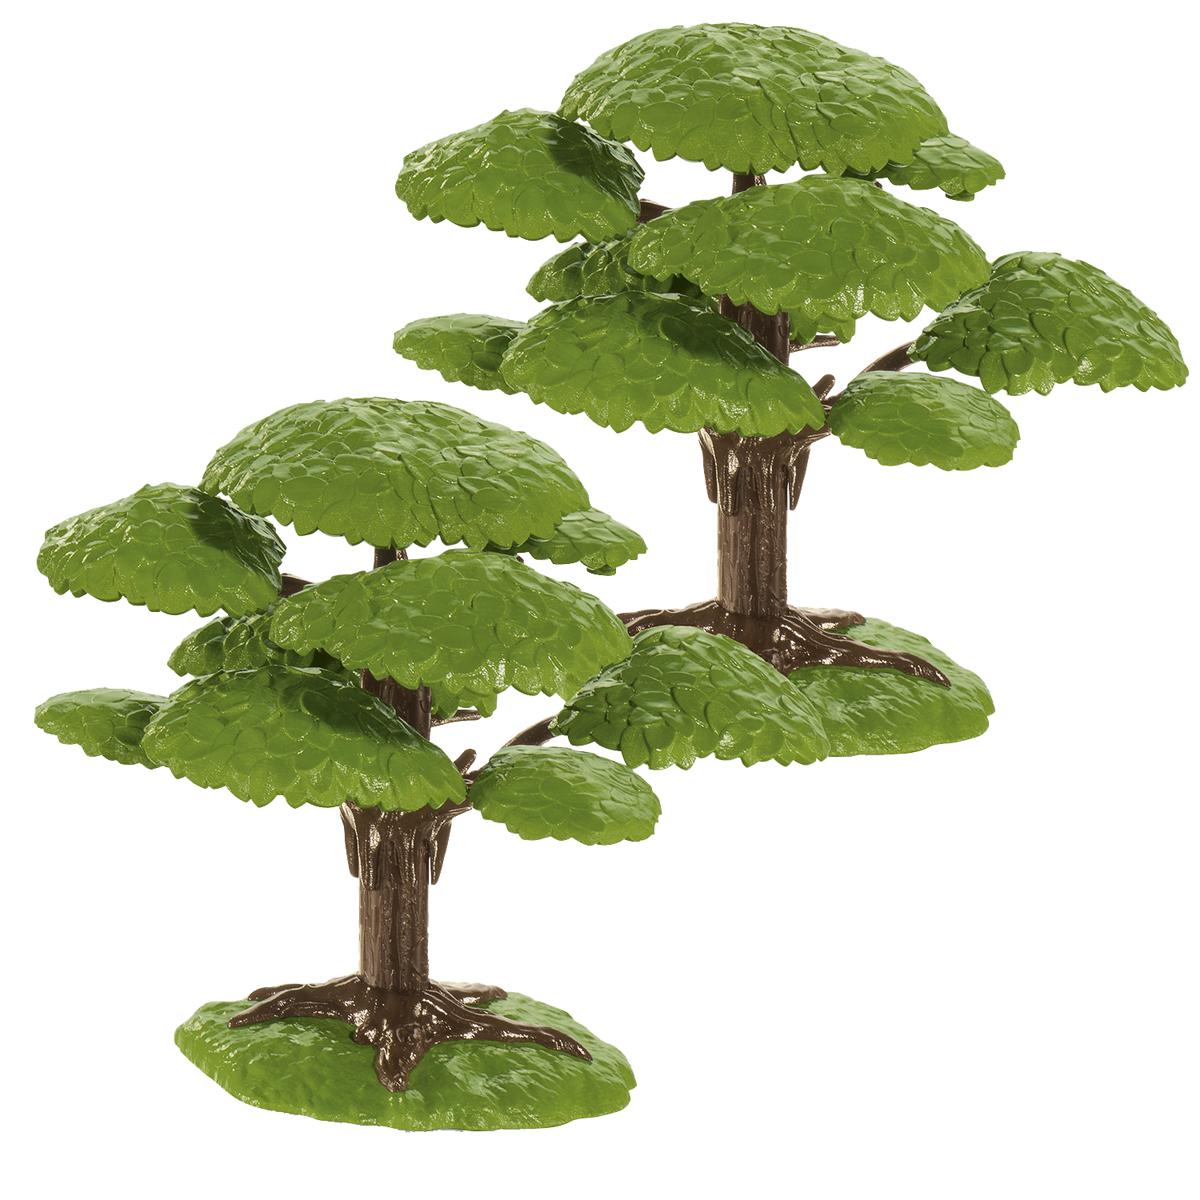 SIKU WORLD用アクセサリー 落葉樹